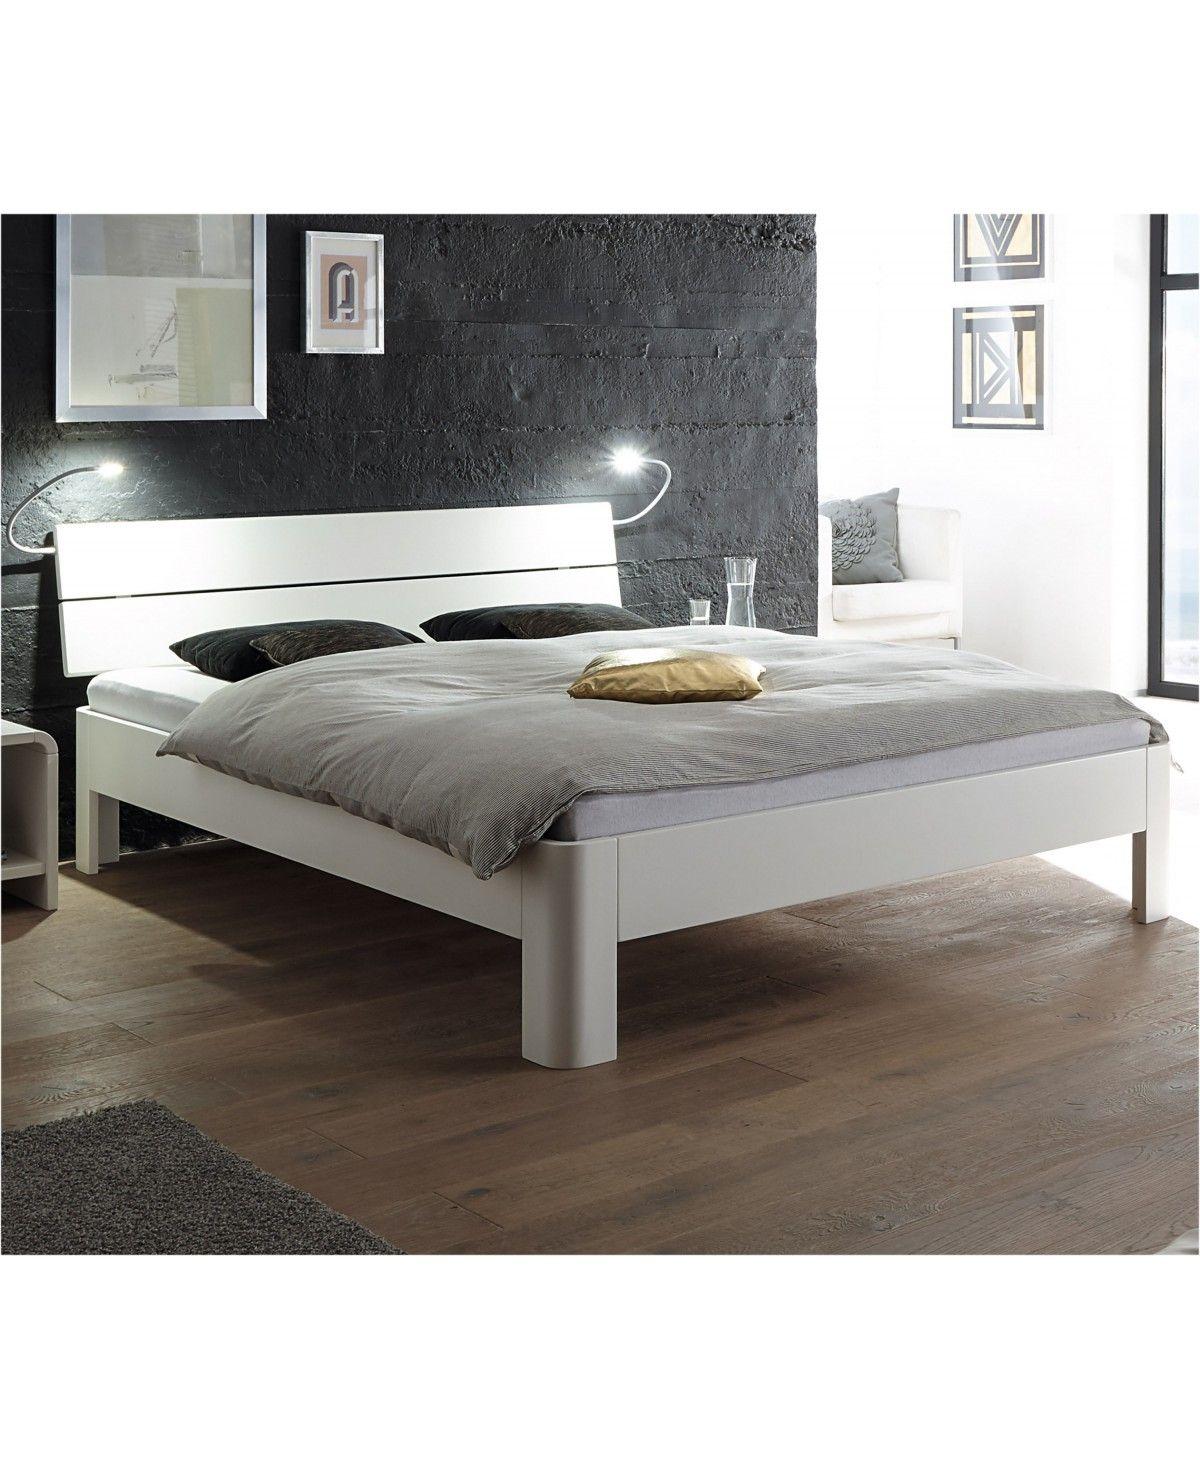 hasena fine line bett syma 18 f e ronda buche wei. Black Bedroom Furniture Sets. Home Design Ideas